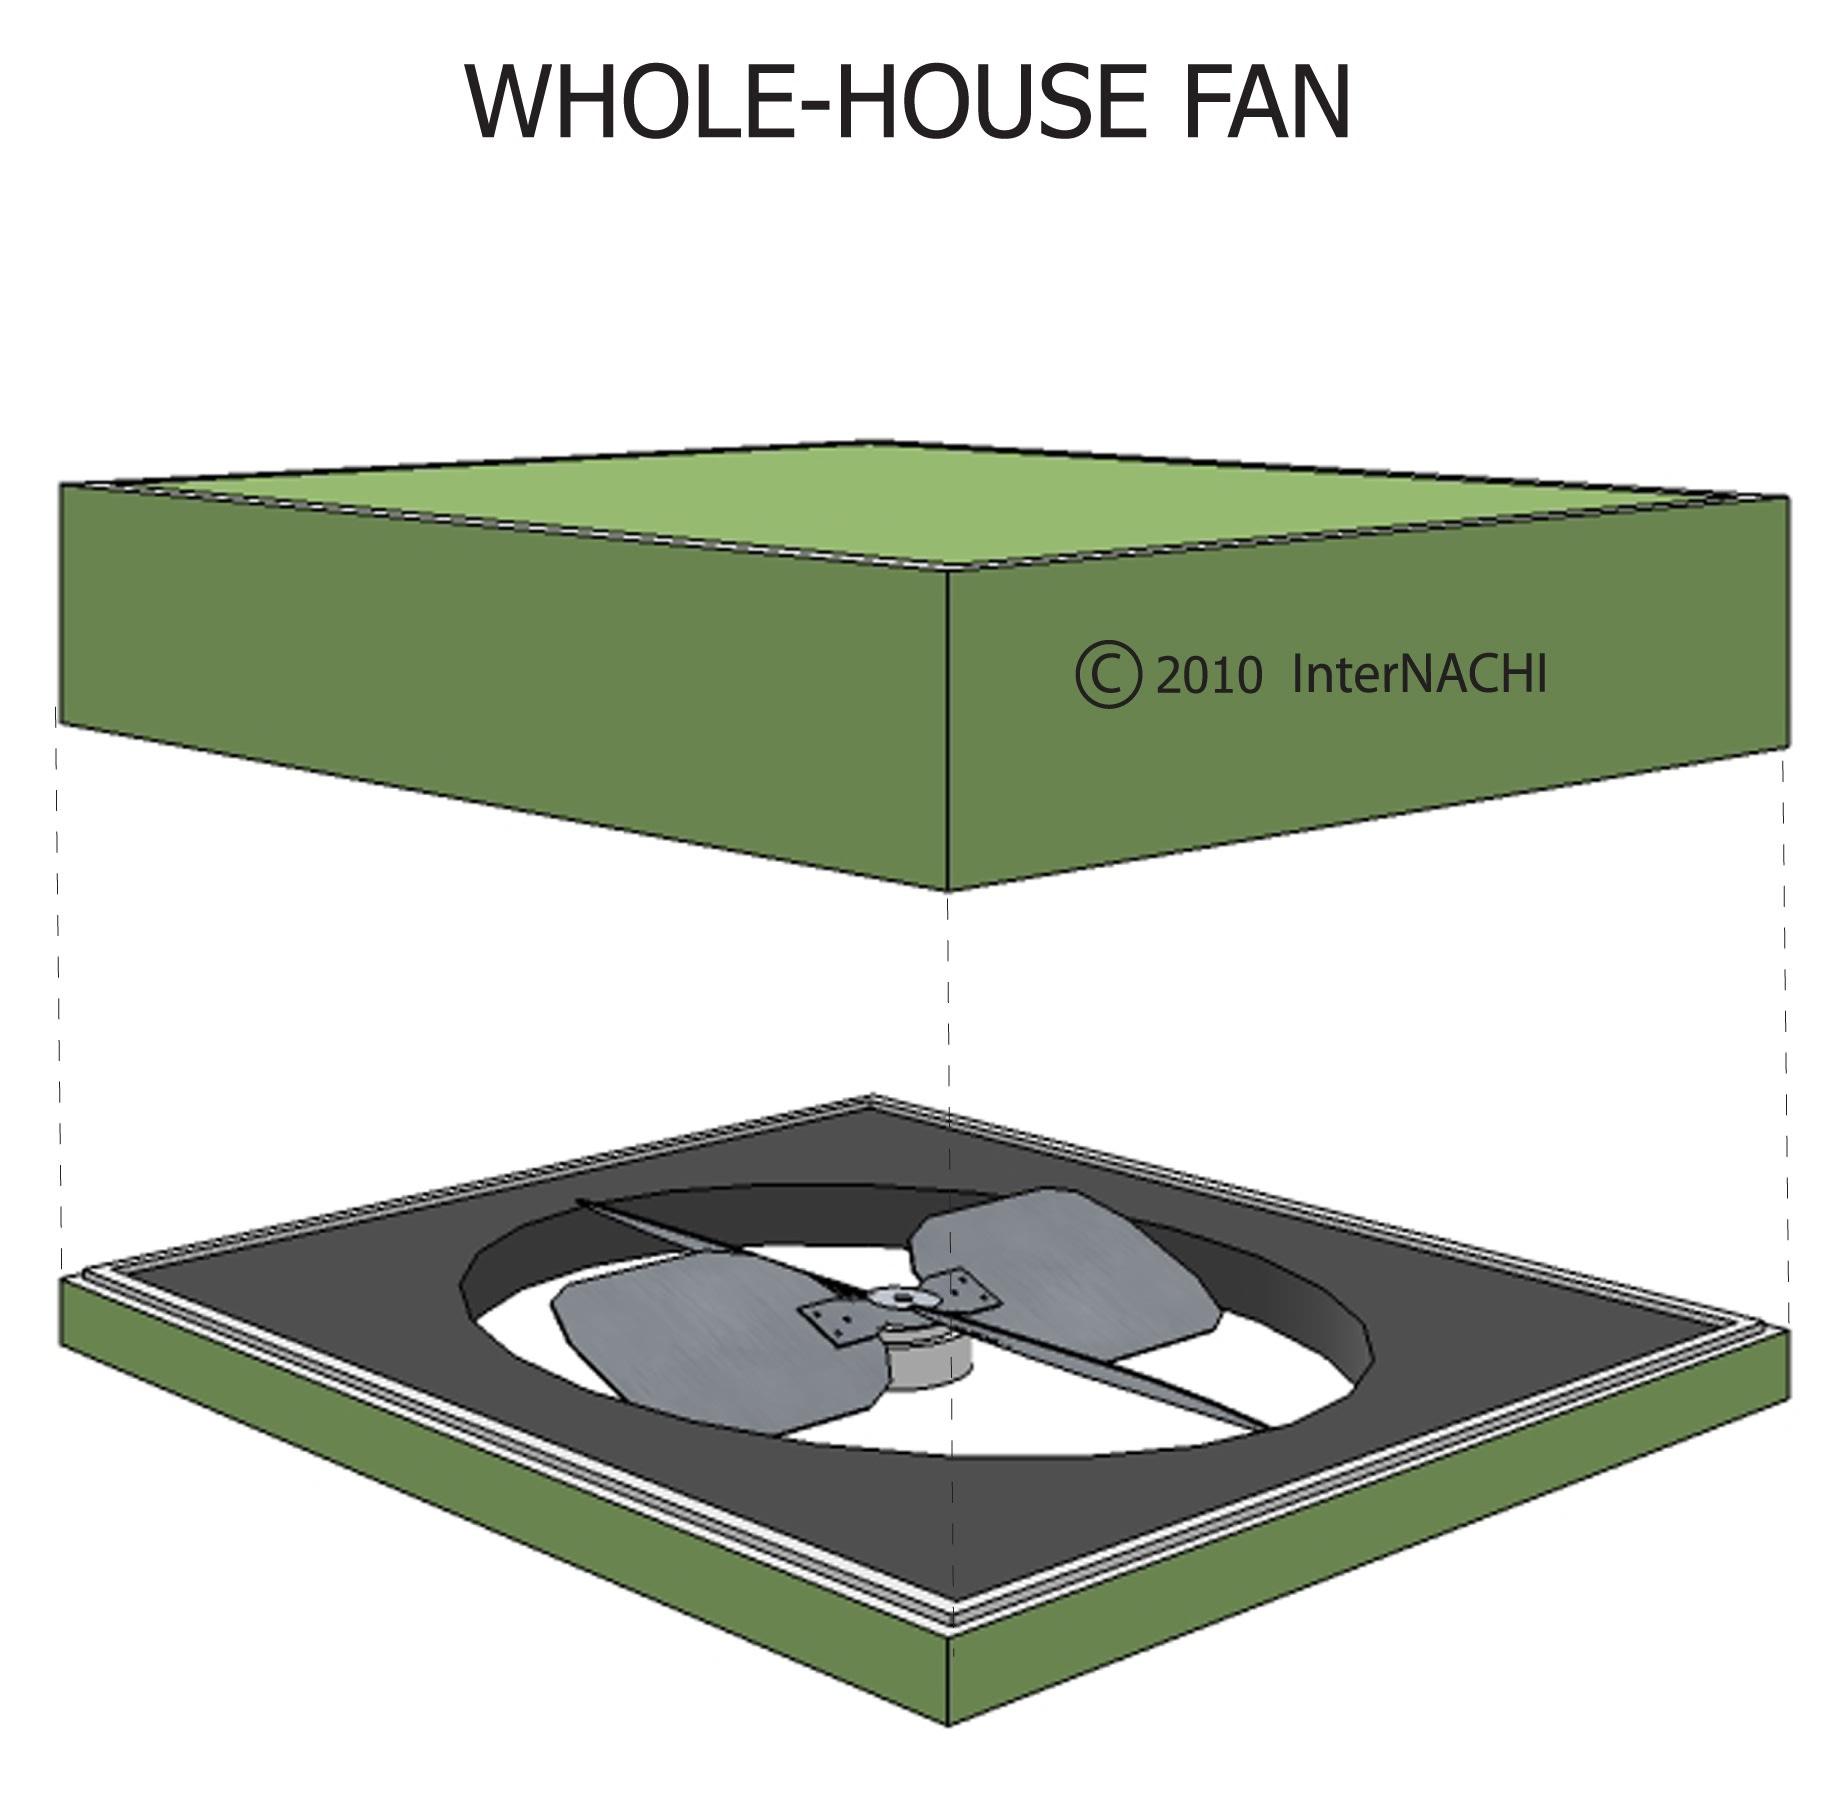 Whole house fan.